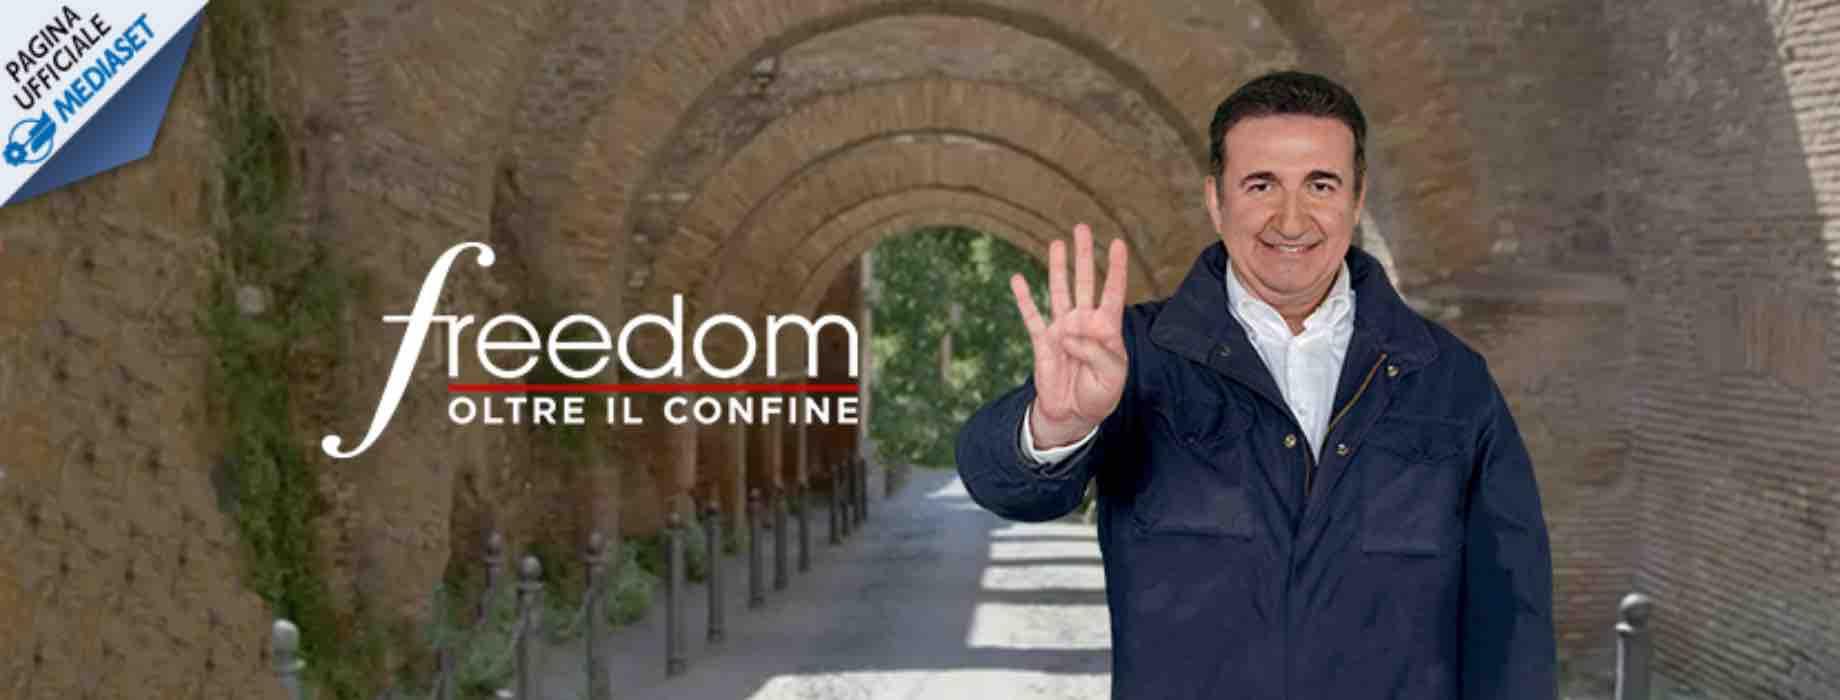 Anticipazioni | Freedom - Oltre il confine | 11 giugno | Temi e dove vederlo